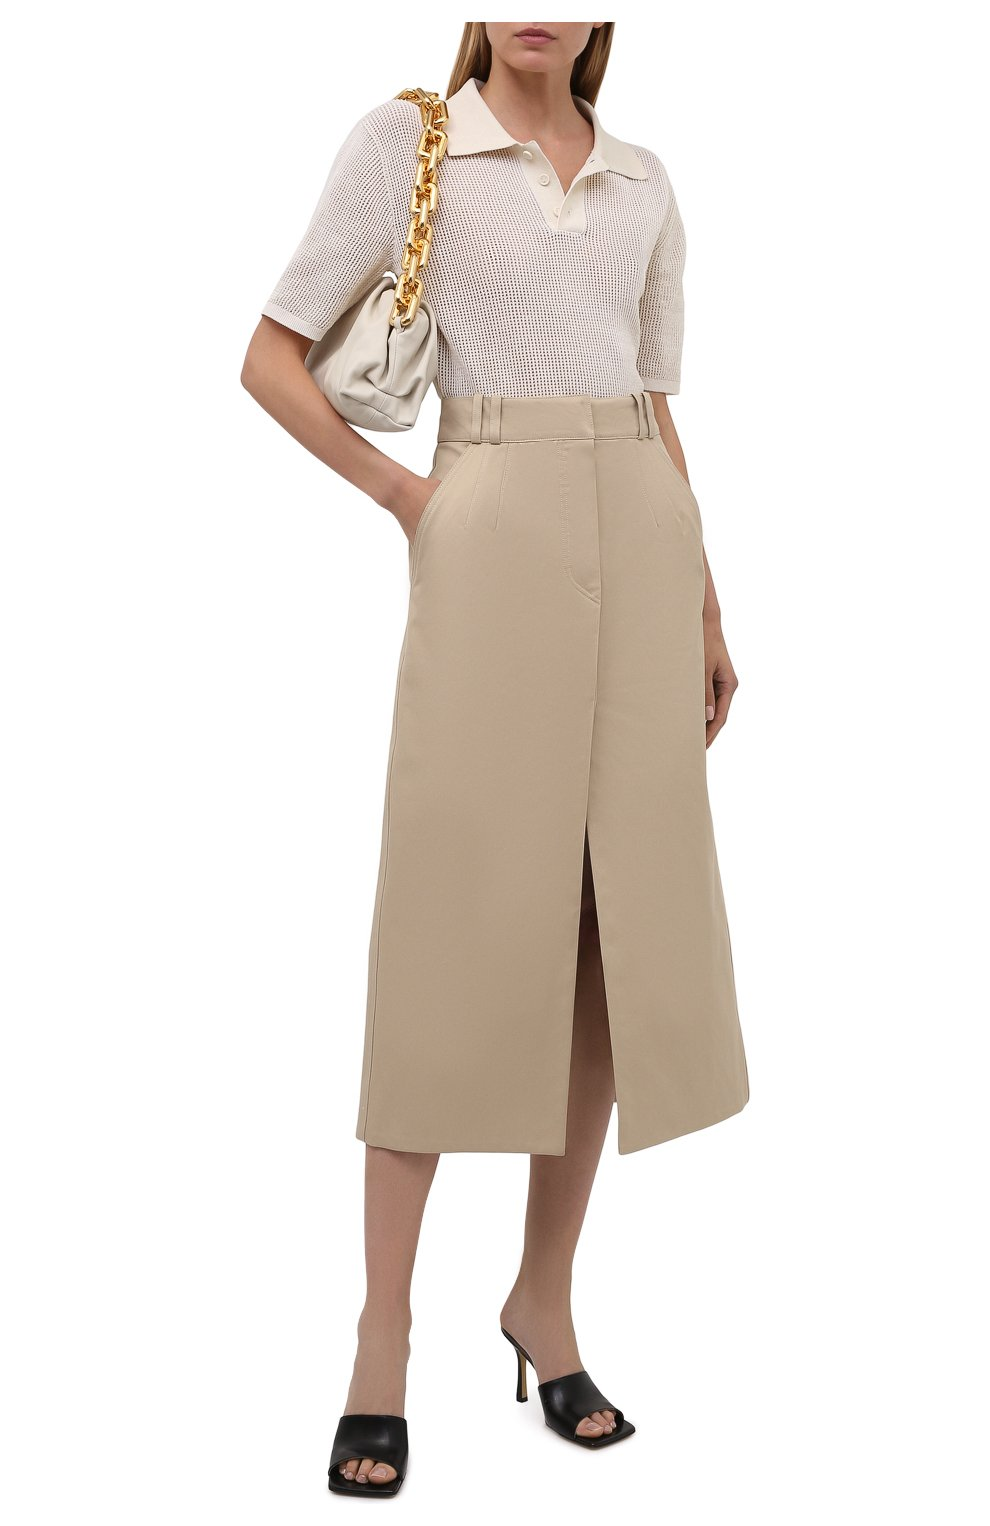 Женская хлопковая юбка PACO RABANNE бежевого цвета, арт. 21ECJU204C00229   Фото 2 (Женское Кросс-КТ: Юбка-одежда; Материал внешний: Хлопок; Длина Ж (юбки, платья, шорты): Миди; Материал подклада: Хлопок; Стили: Кэжуэл)